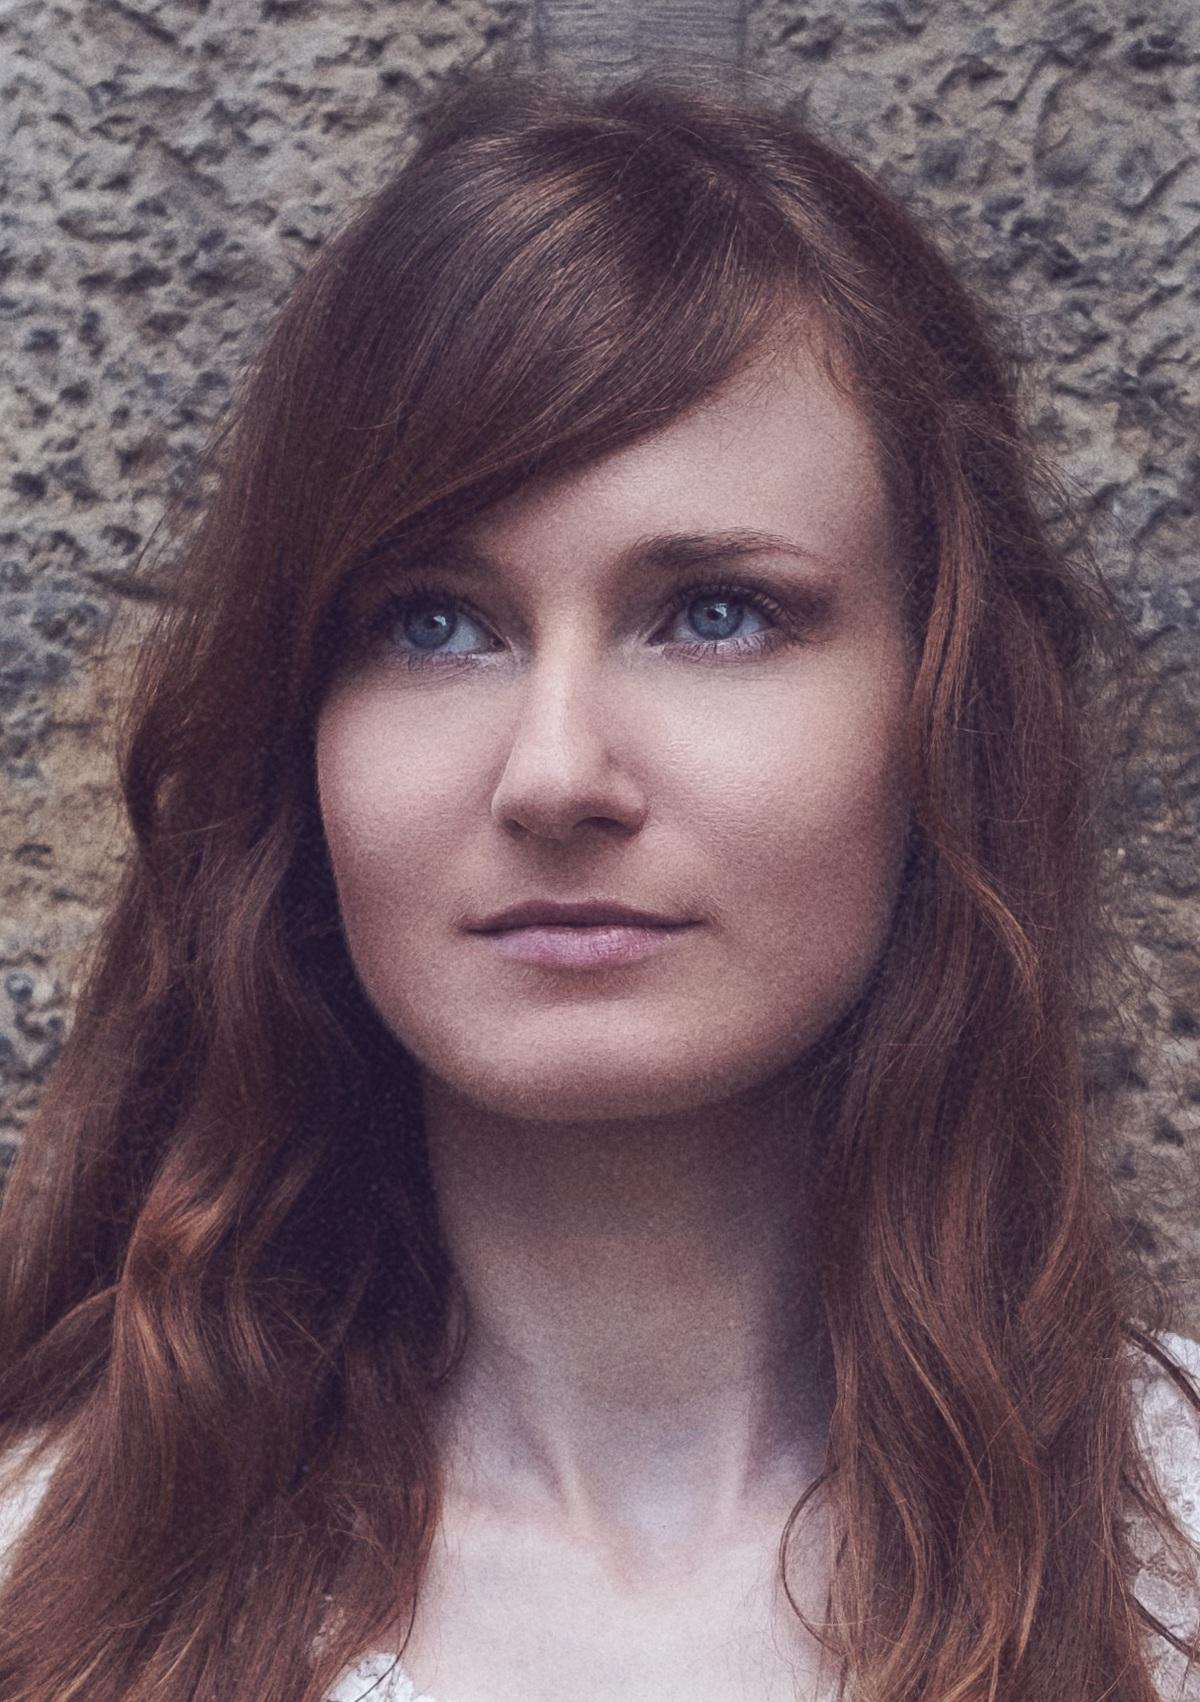 Jana Stupňanová - inglés al eslovaco translator